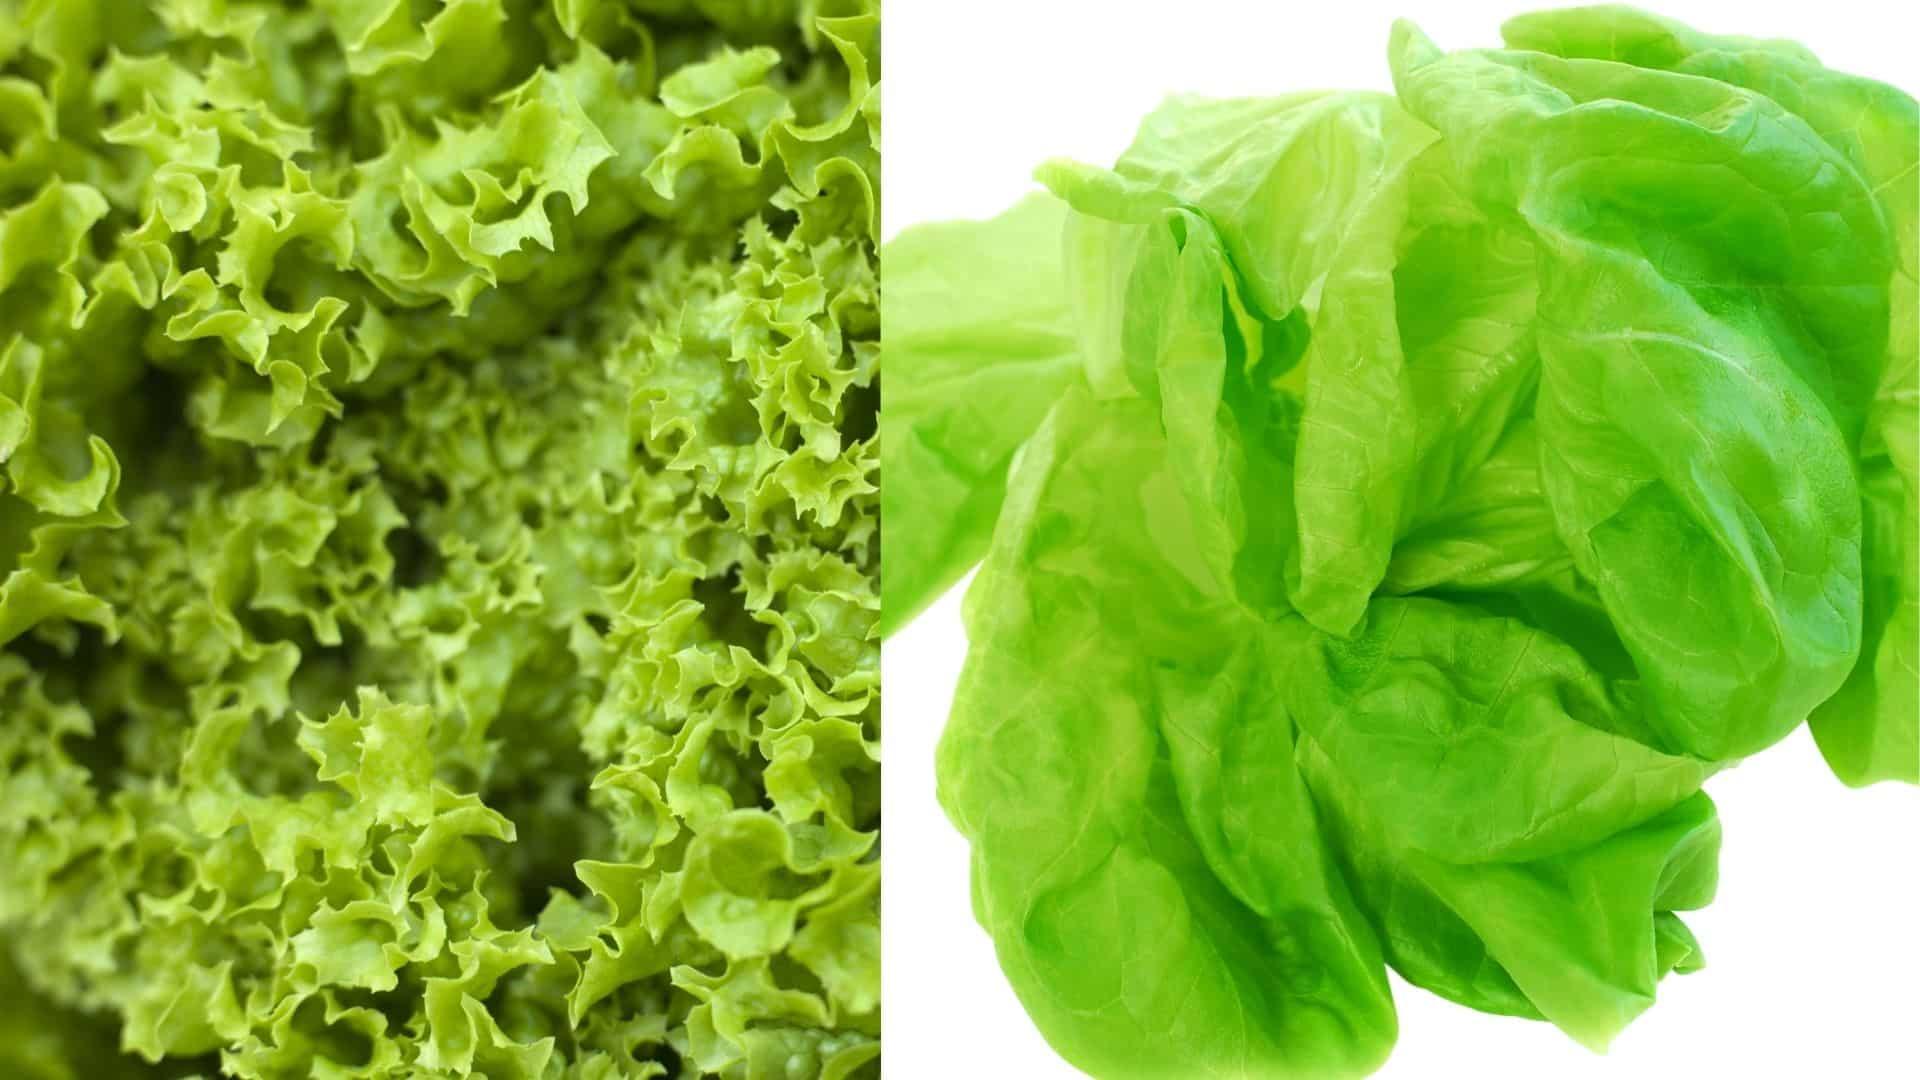 A fejes saláta az egyik kedvenc kerti zöldünk, mert jóval jobb - mind ízében, mind A-vitamin-tartalmában! Ültesd tavasszal, két héttel a fagy előtt.